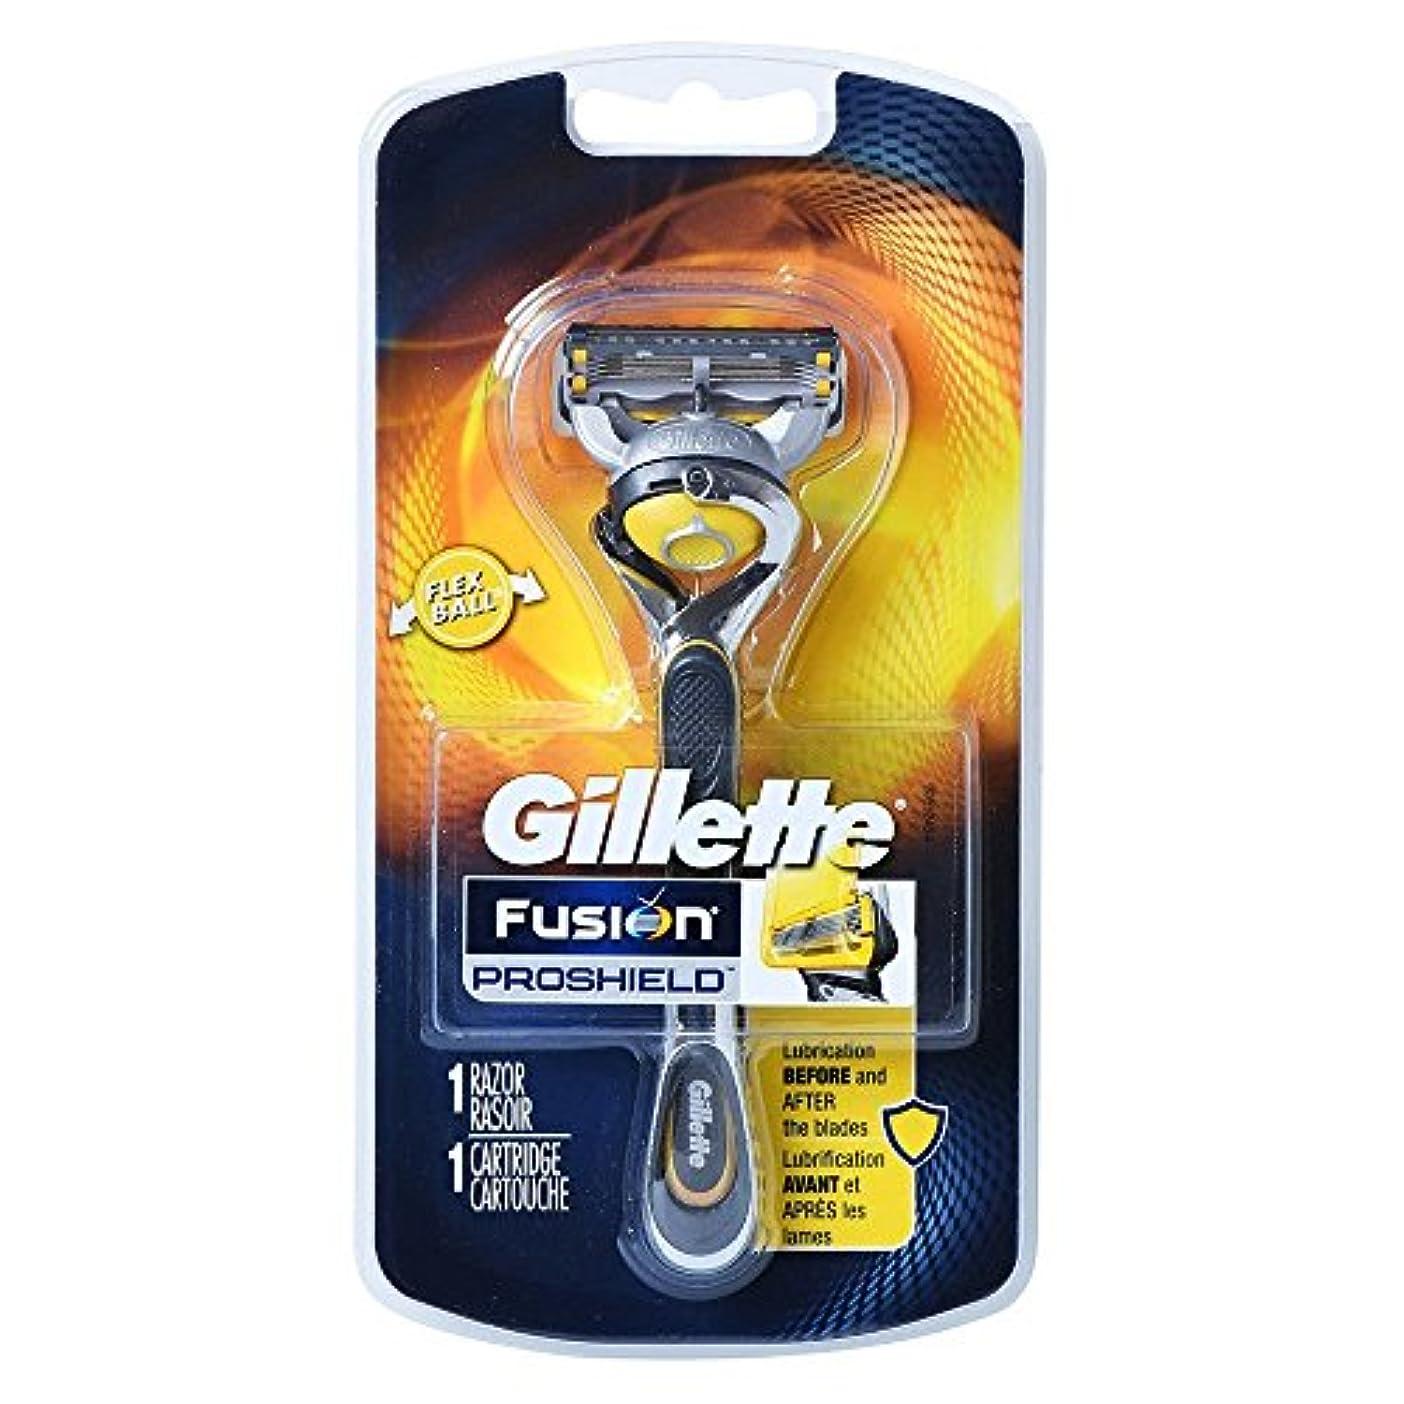 口径歌詞飛躍Gillette Fusion Proshield Yellow フレックスボール剃刀でメンズカミソリ Refrills 1 [並行輸入品]